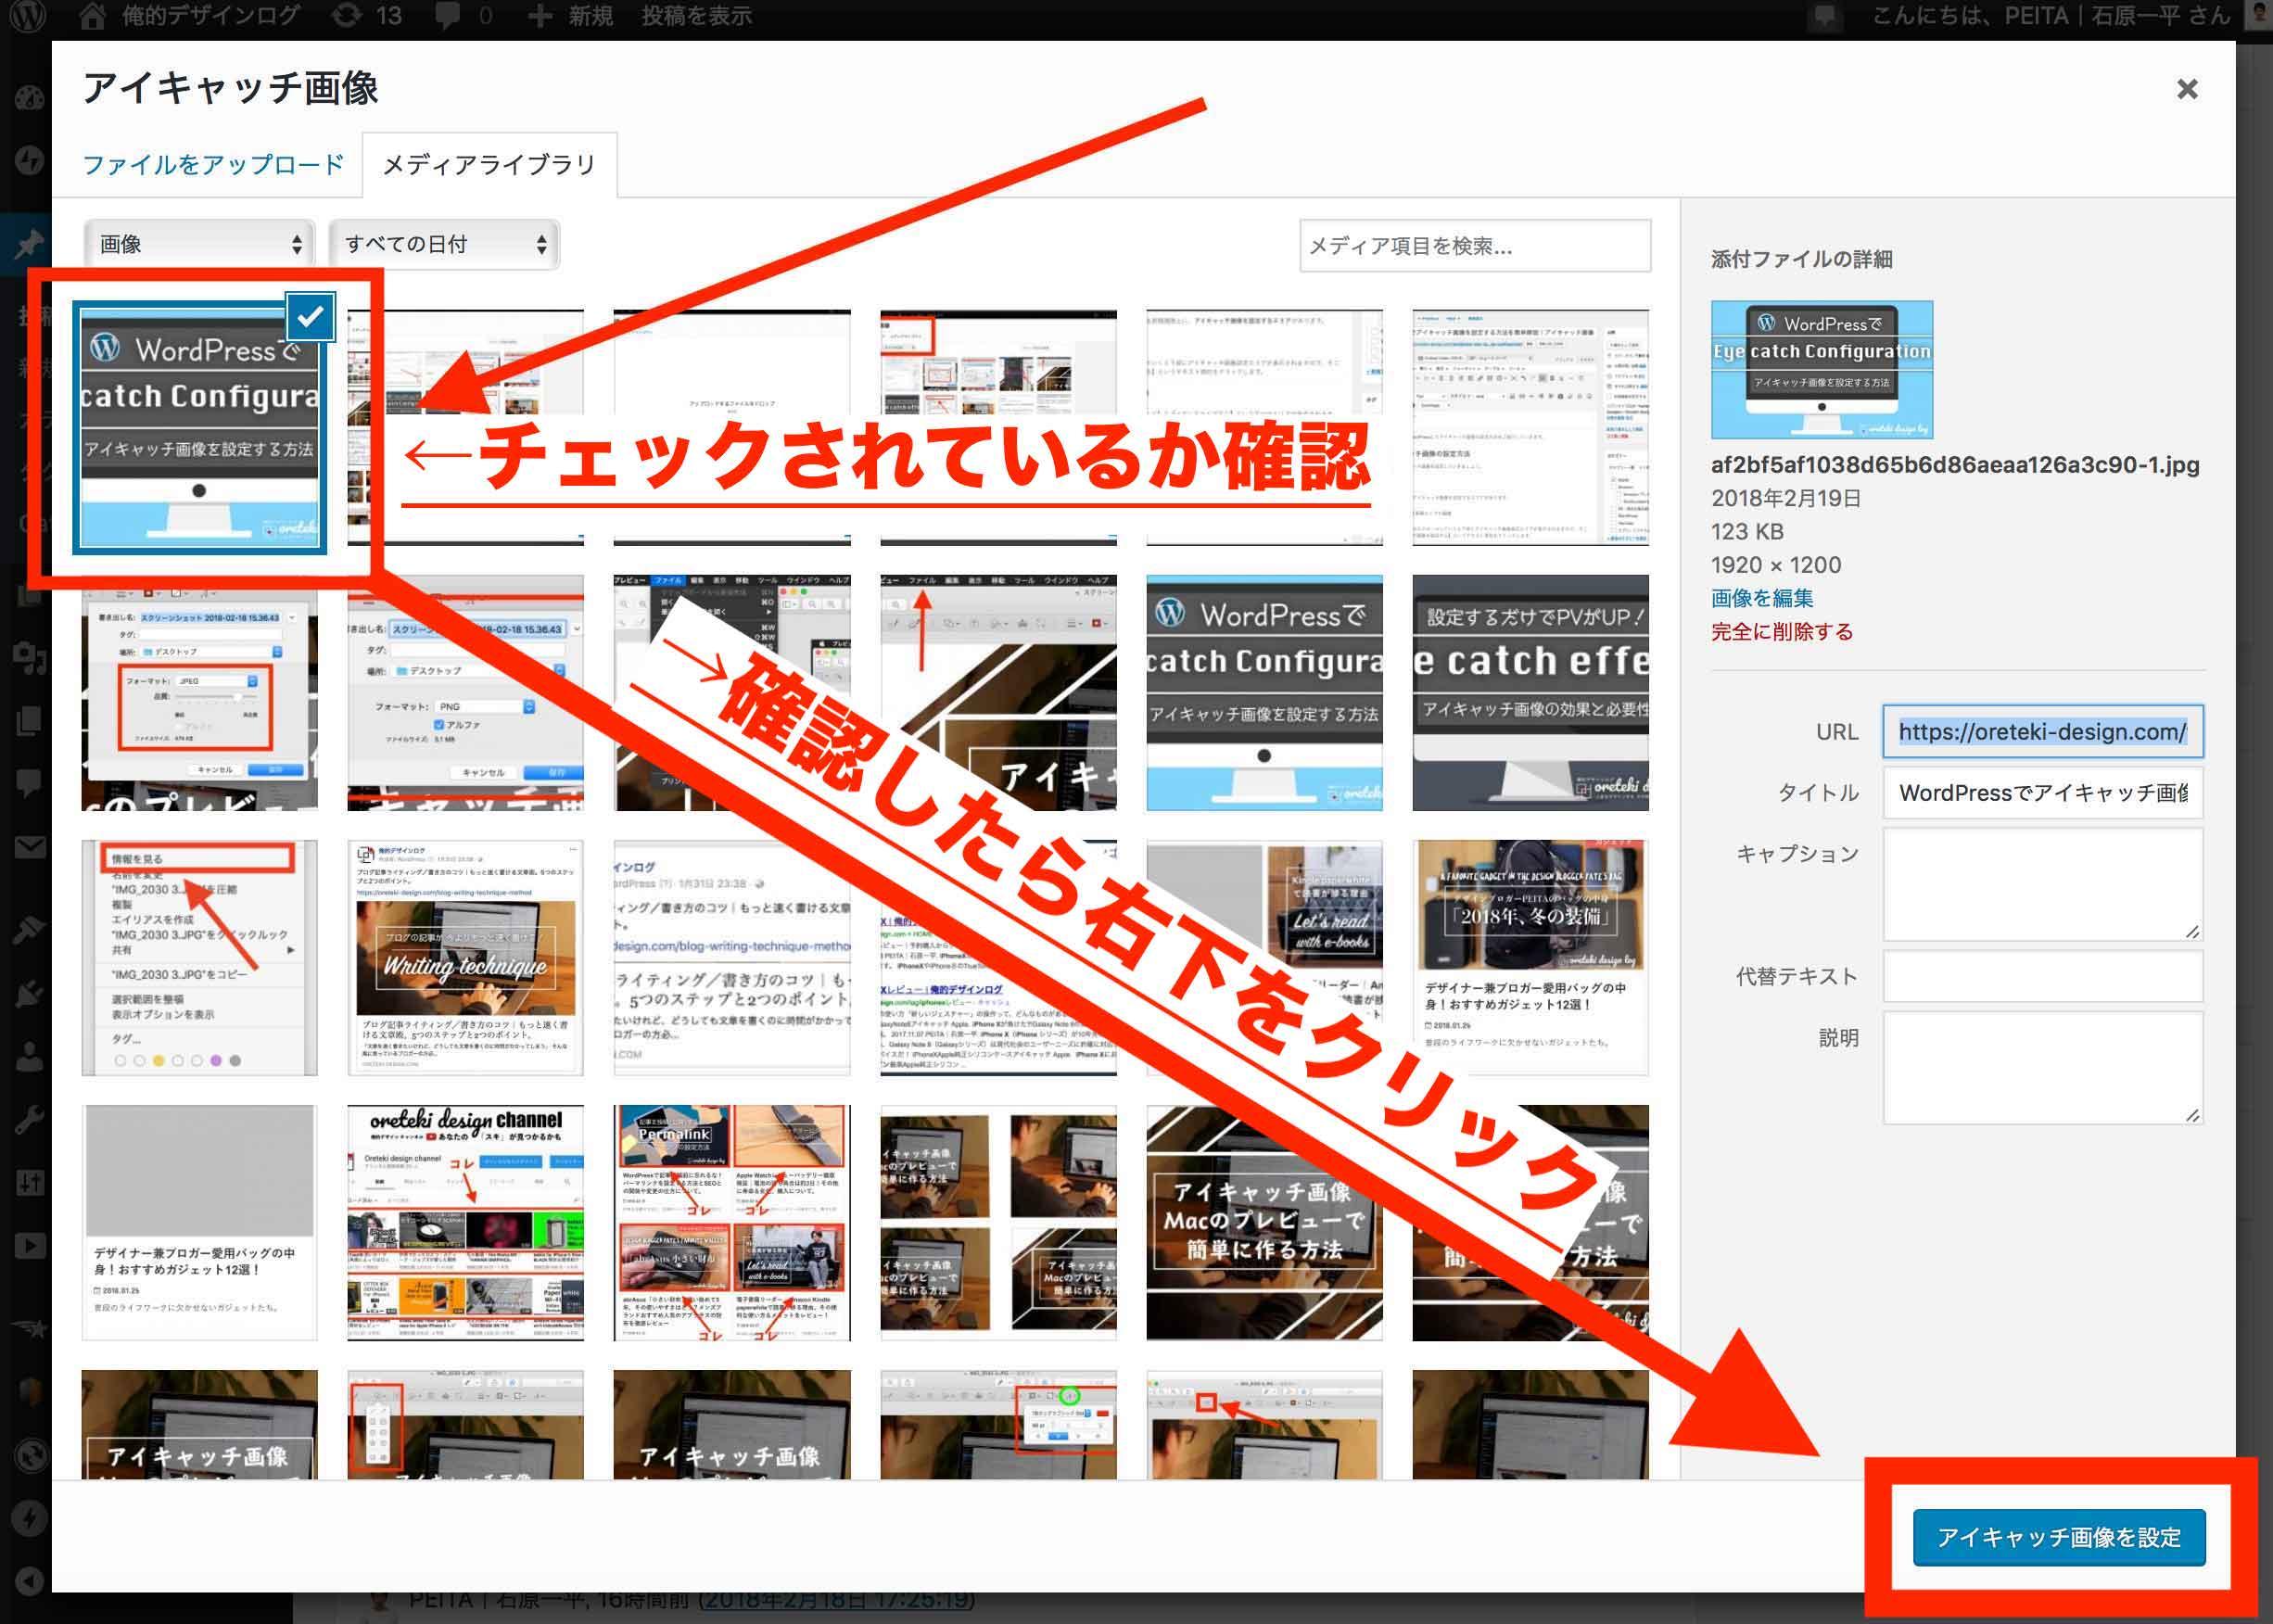 アップロードされた画像データをアイキャッチに設定している画像